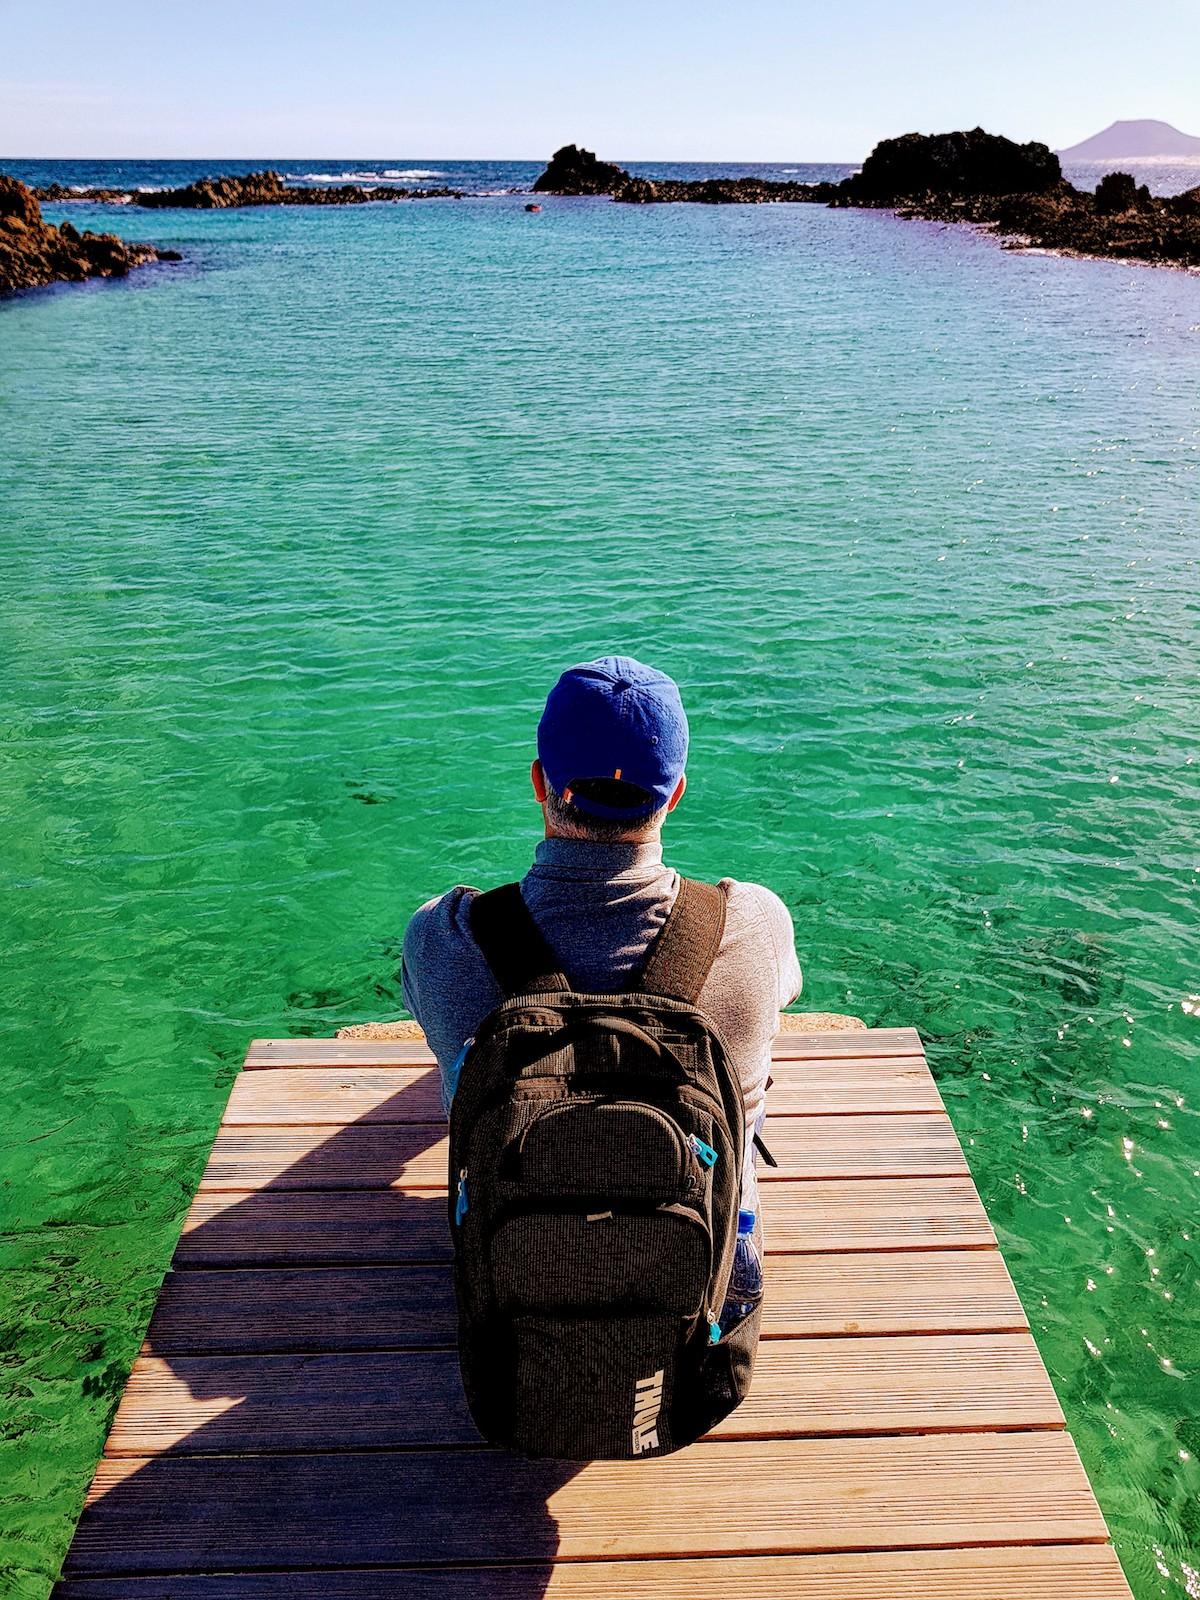 Die Lagune mit dem kristallklarem, grünen Wasser ist das ideale Fotomotiv für Reiseblogger